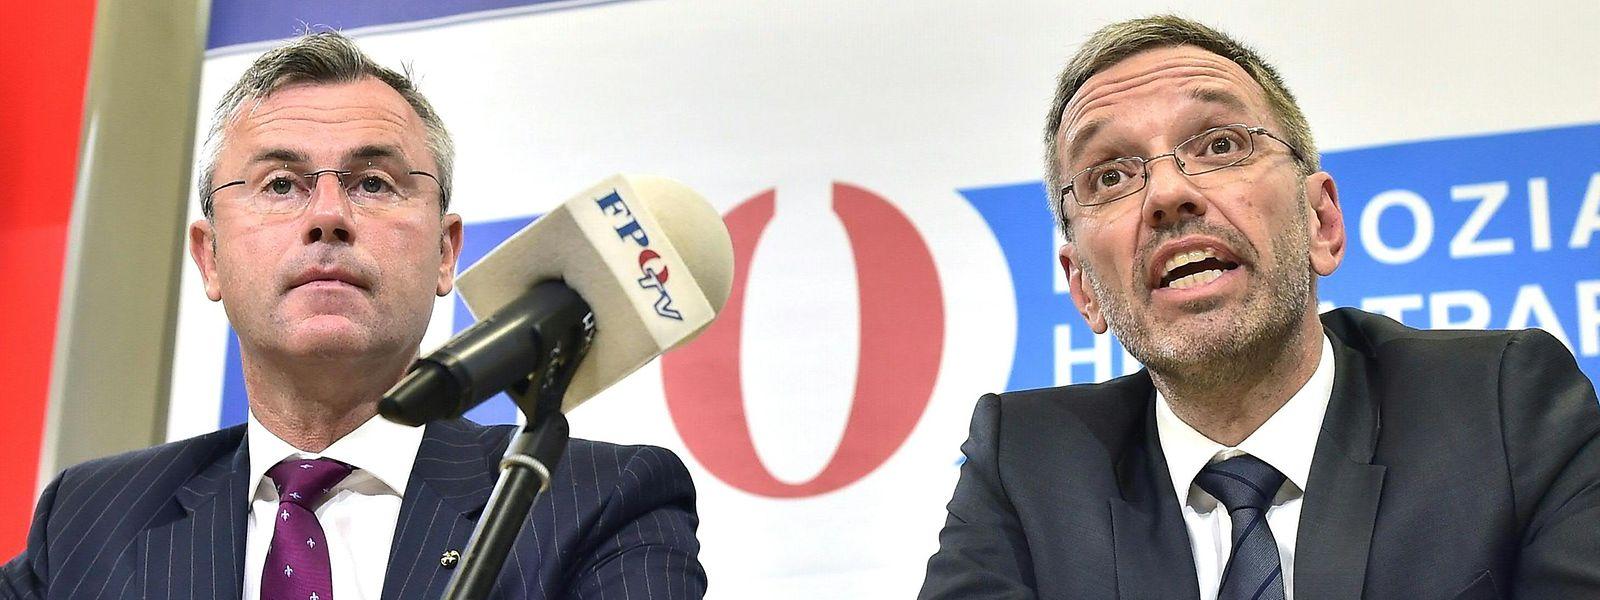 Norbert Hofer, chef désigné du FPÖ et Herbert Kickl assurent que le limogeage du dernier par le chancelier Kurz aboutira au départ de tous les ministres d'extrême droite de la coalition en place à Vienne.